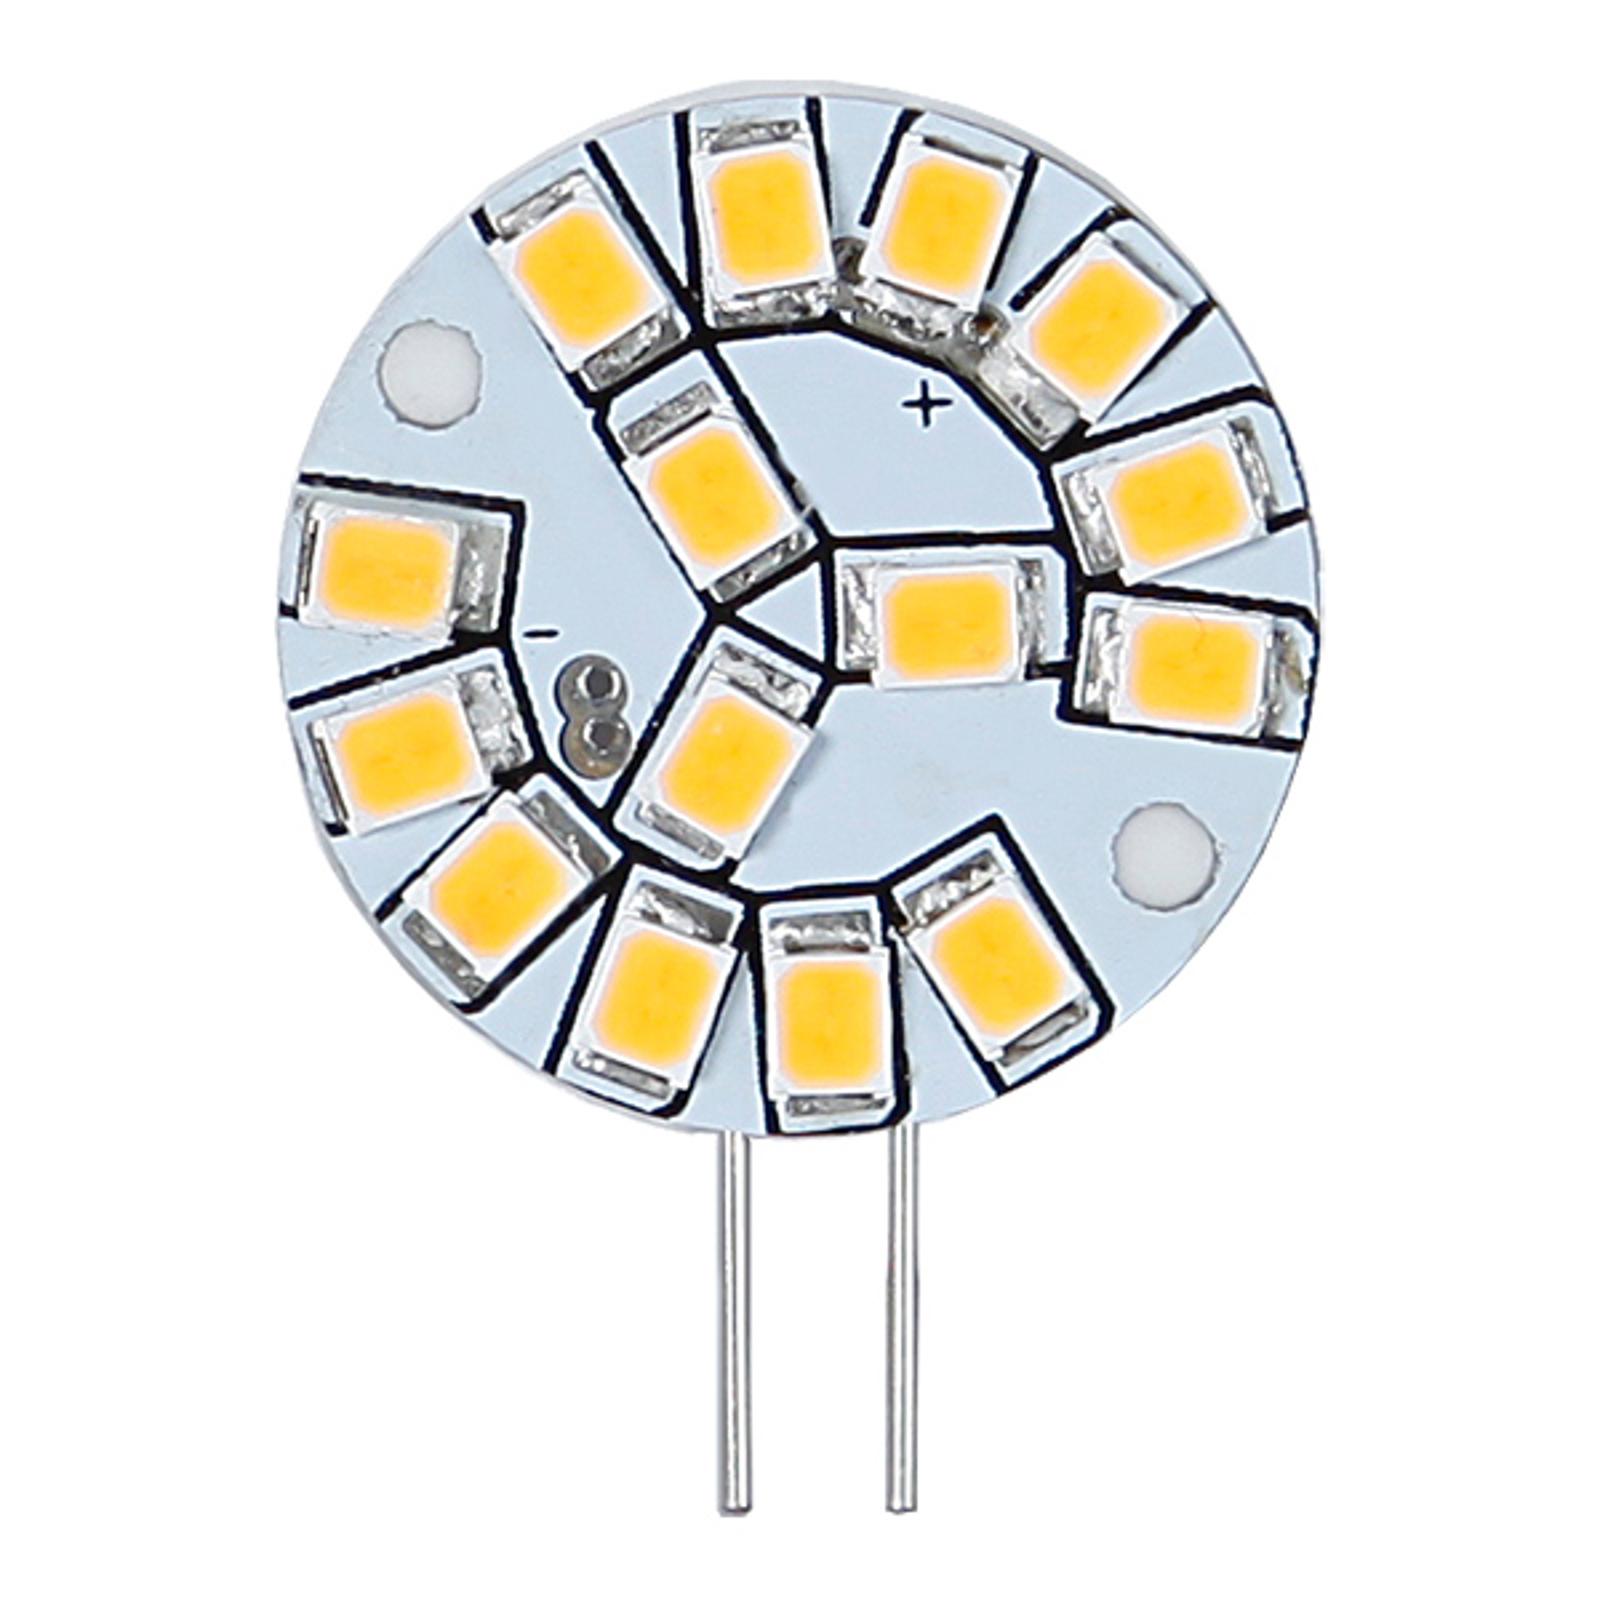 G4 12V 2 W 827 LED-Pin